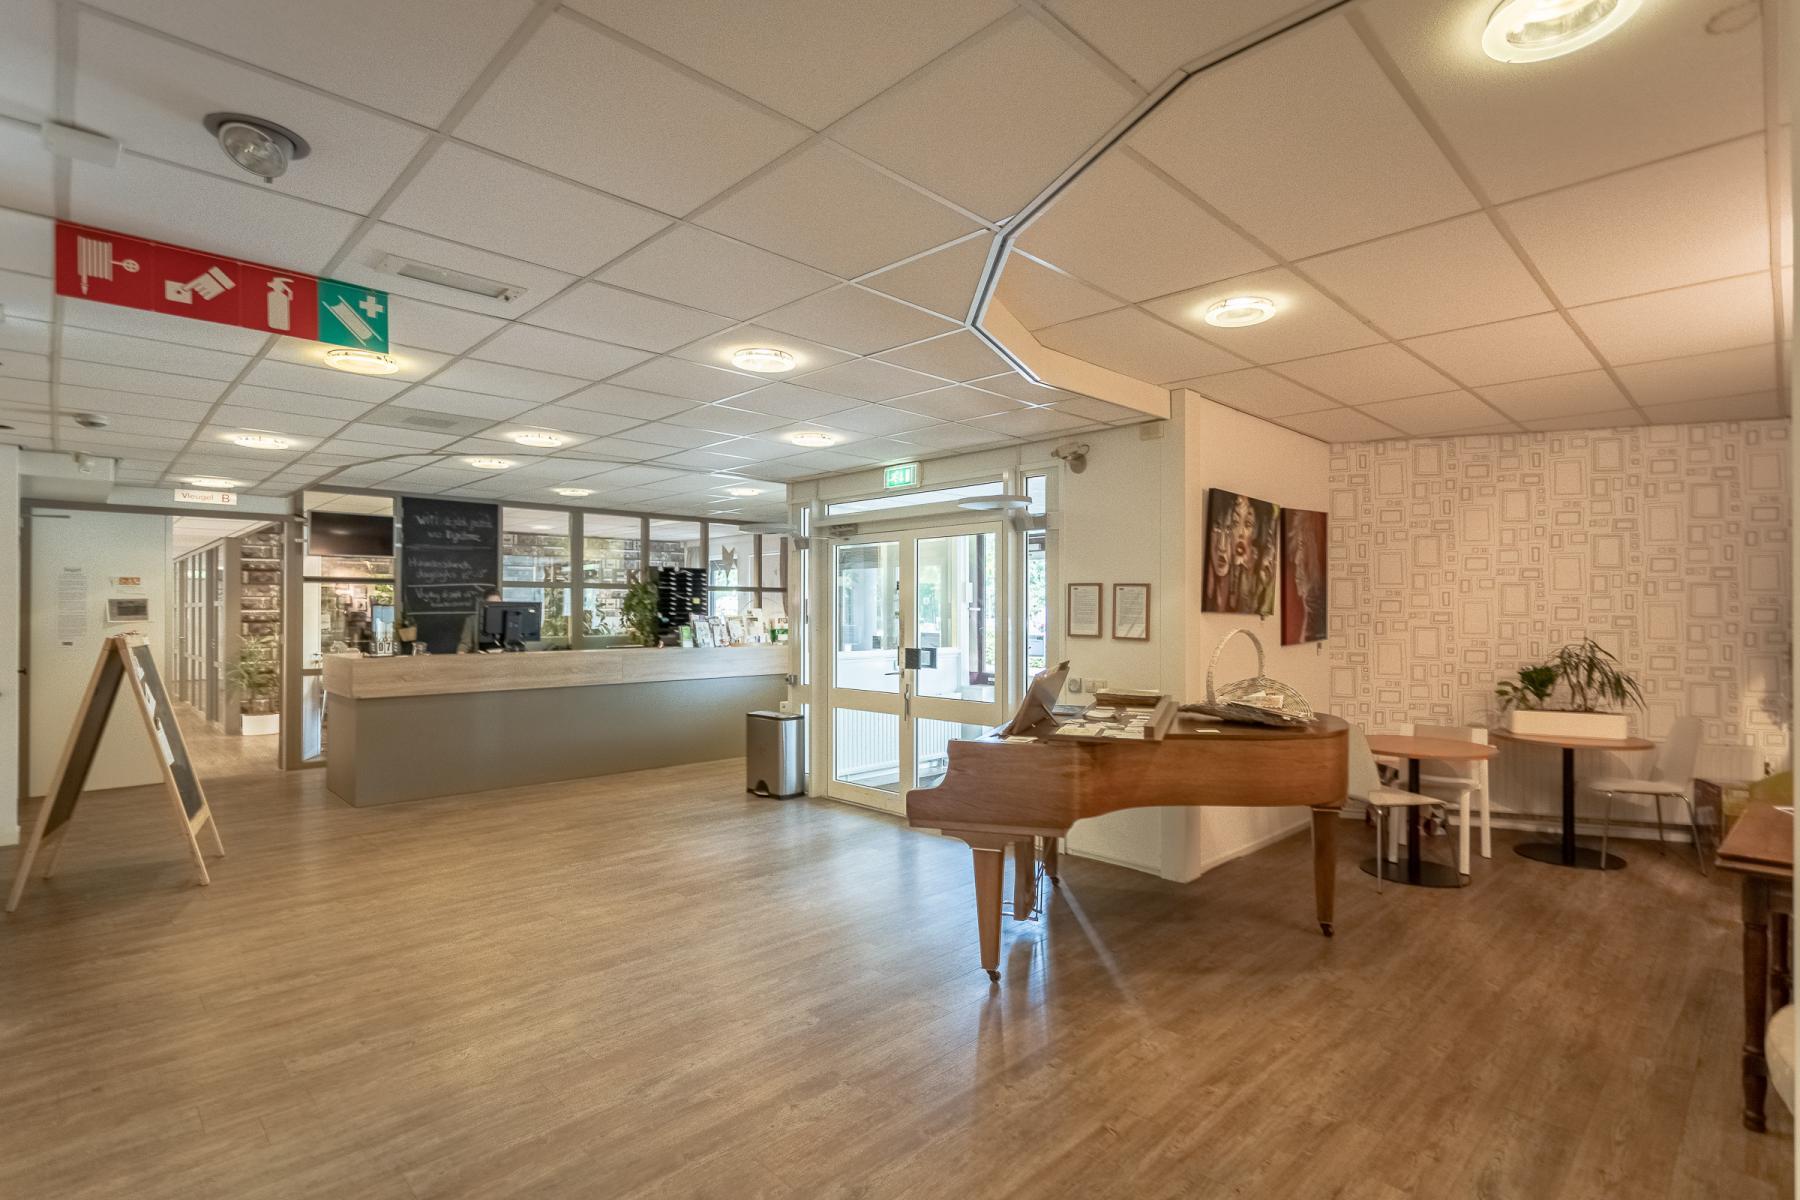 Kantoorruimte huren  Kanaalpark 157, Leiden (10)